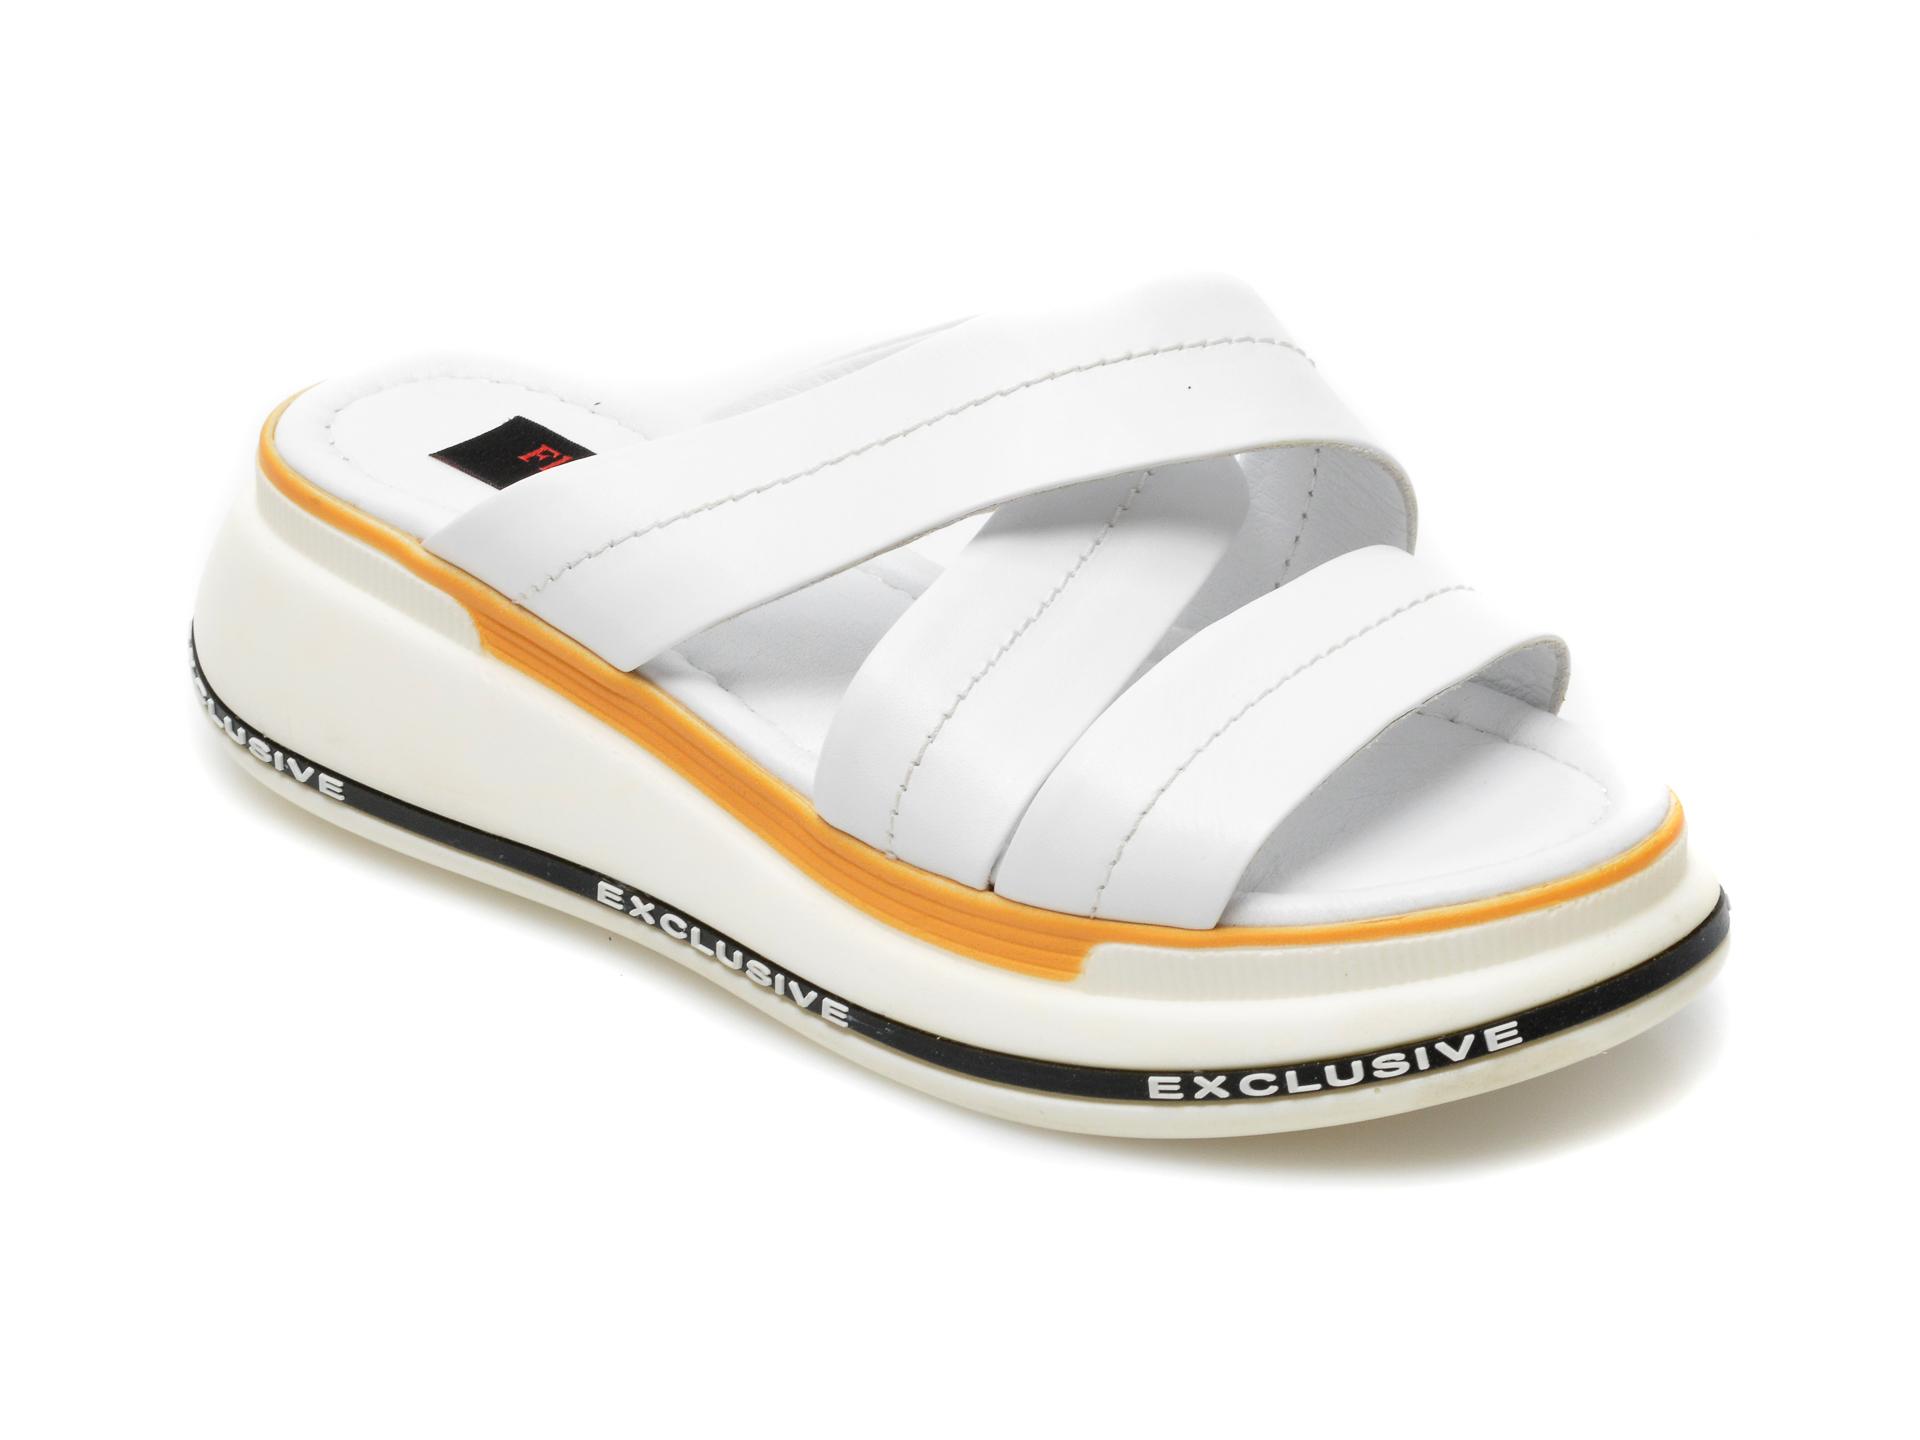 Papuci FLAVIA PASSINI albi, 2385, din piele naturala imagine 2021 Flavia Passini